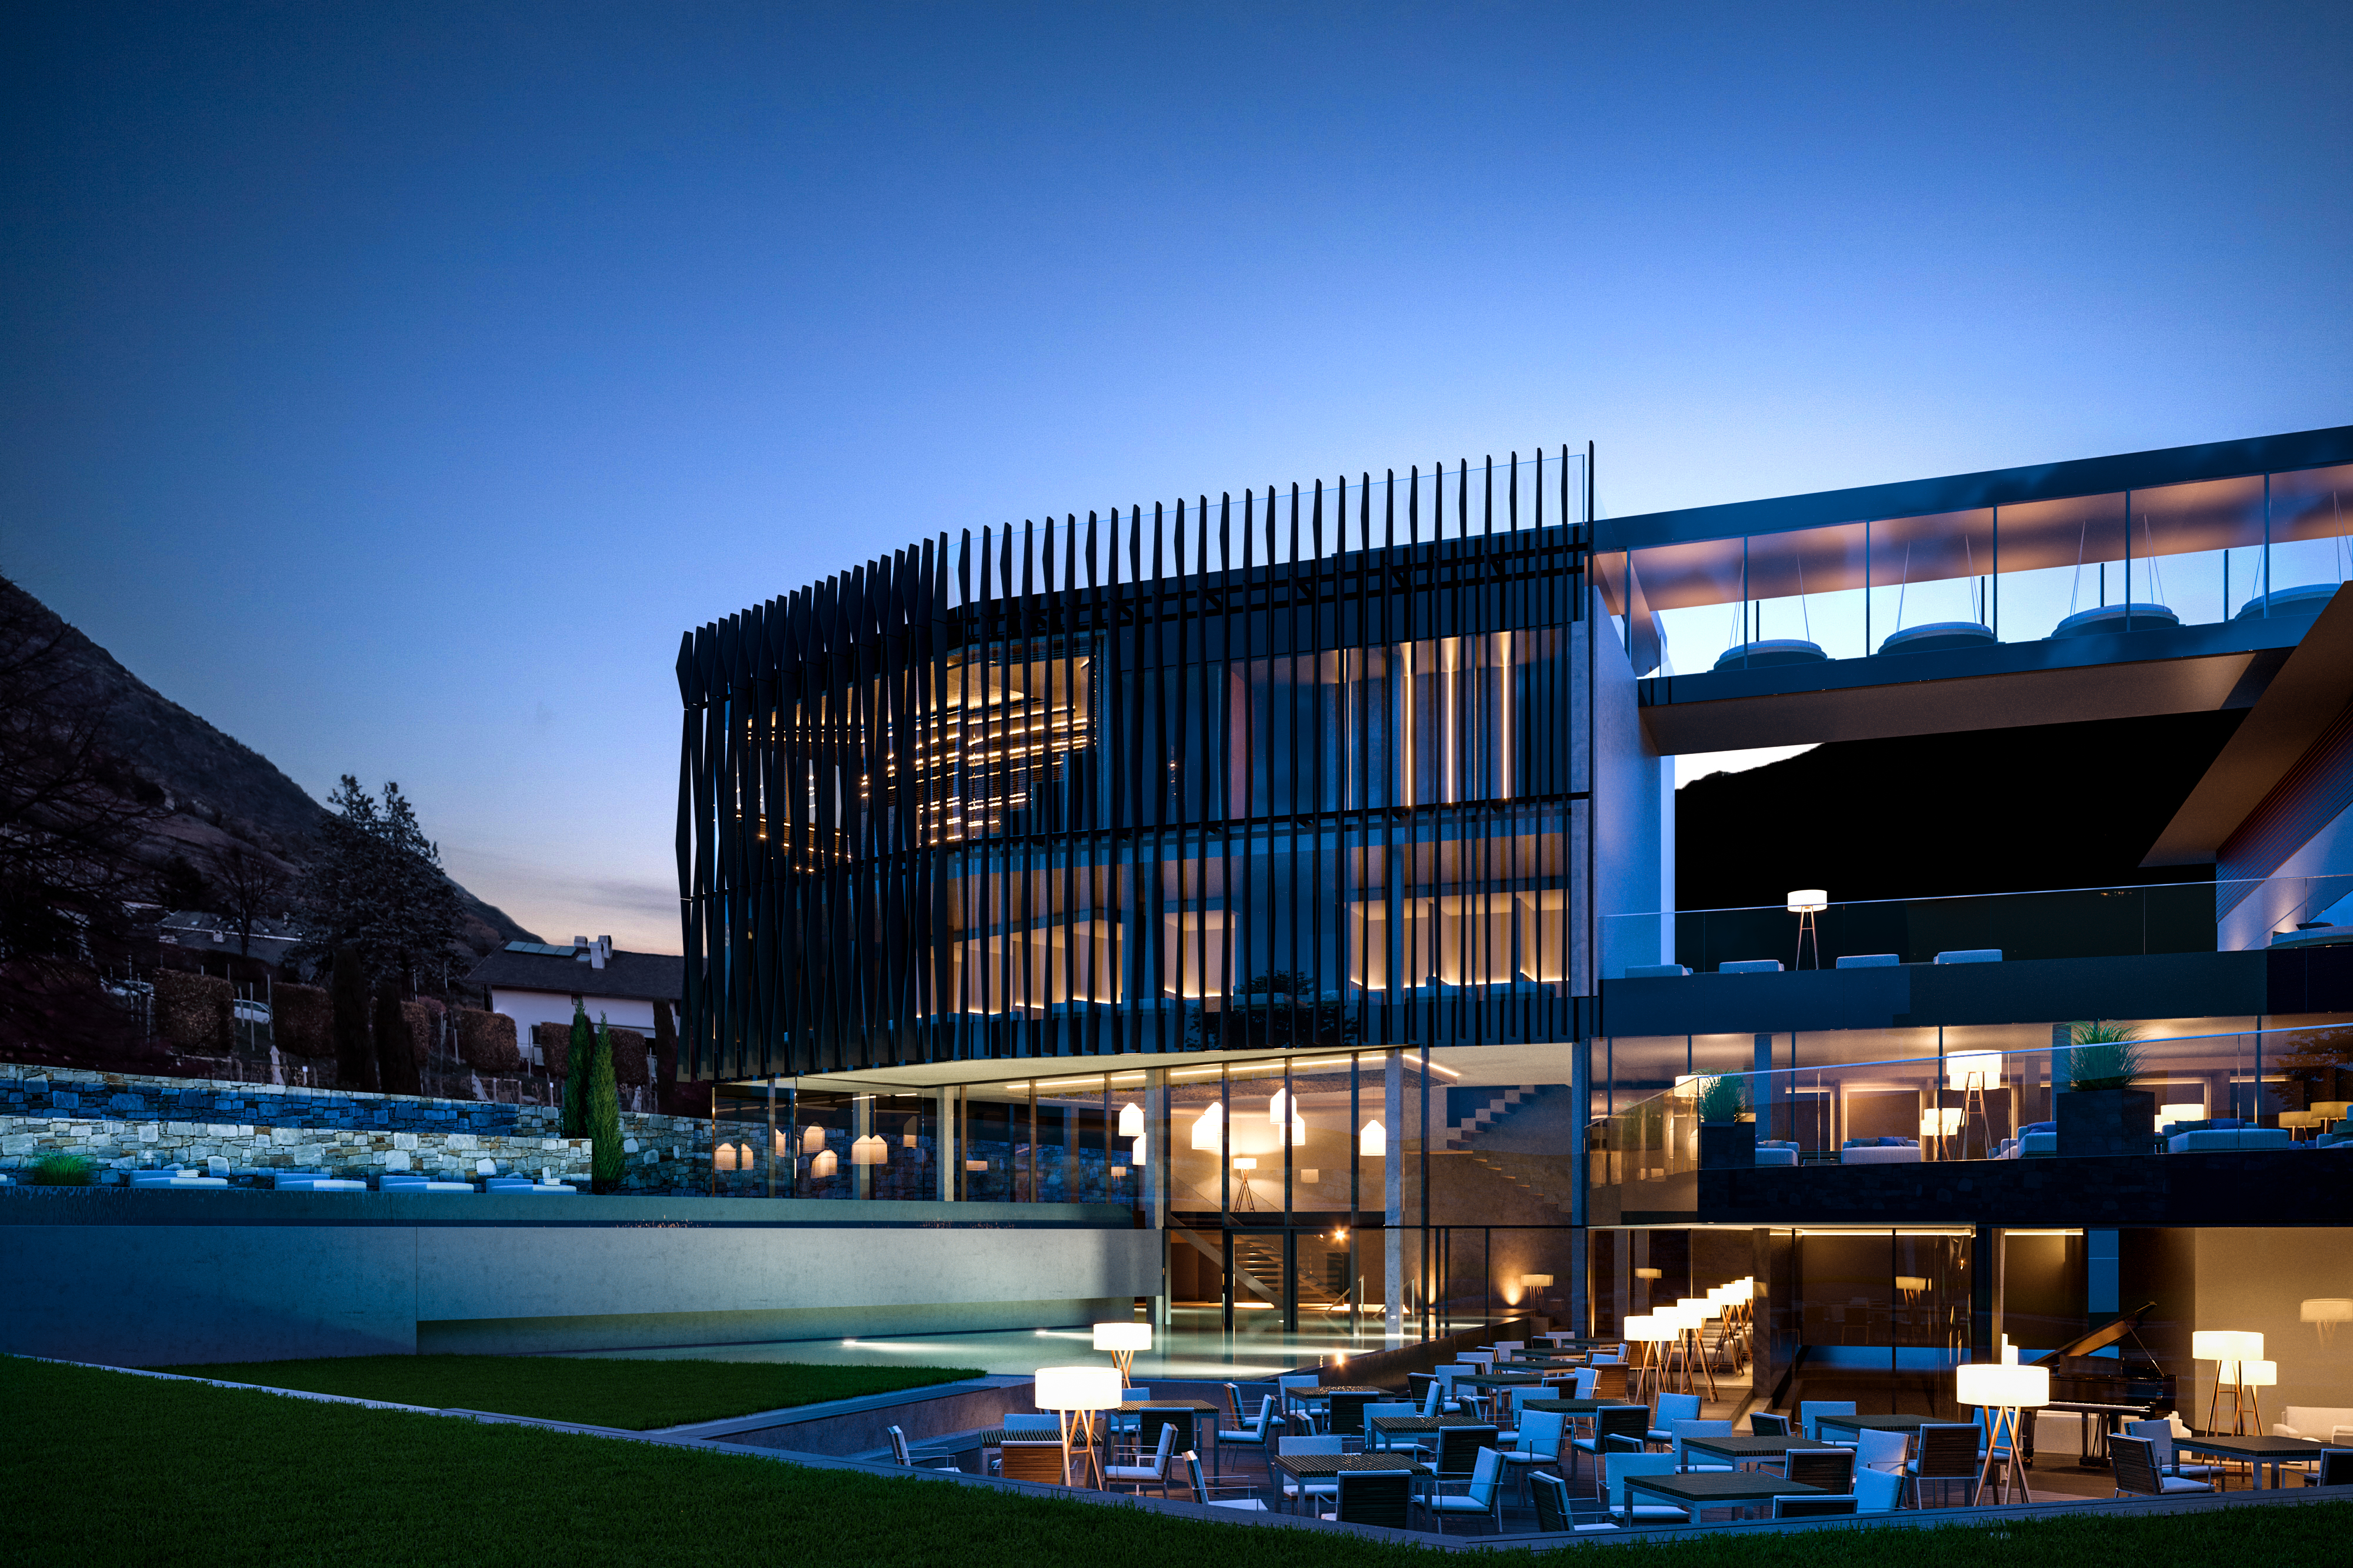 Hotel lindenhof in naturno naturns holidaycheck for Design hotel niedersachsen